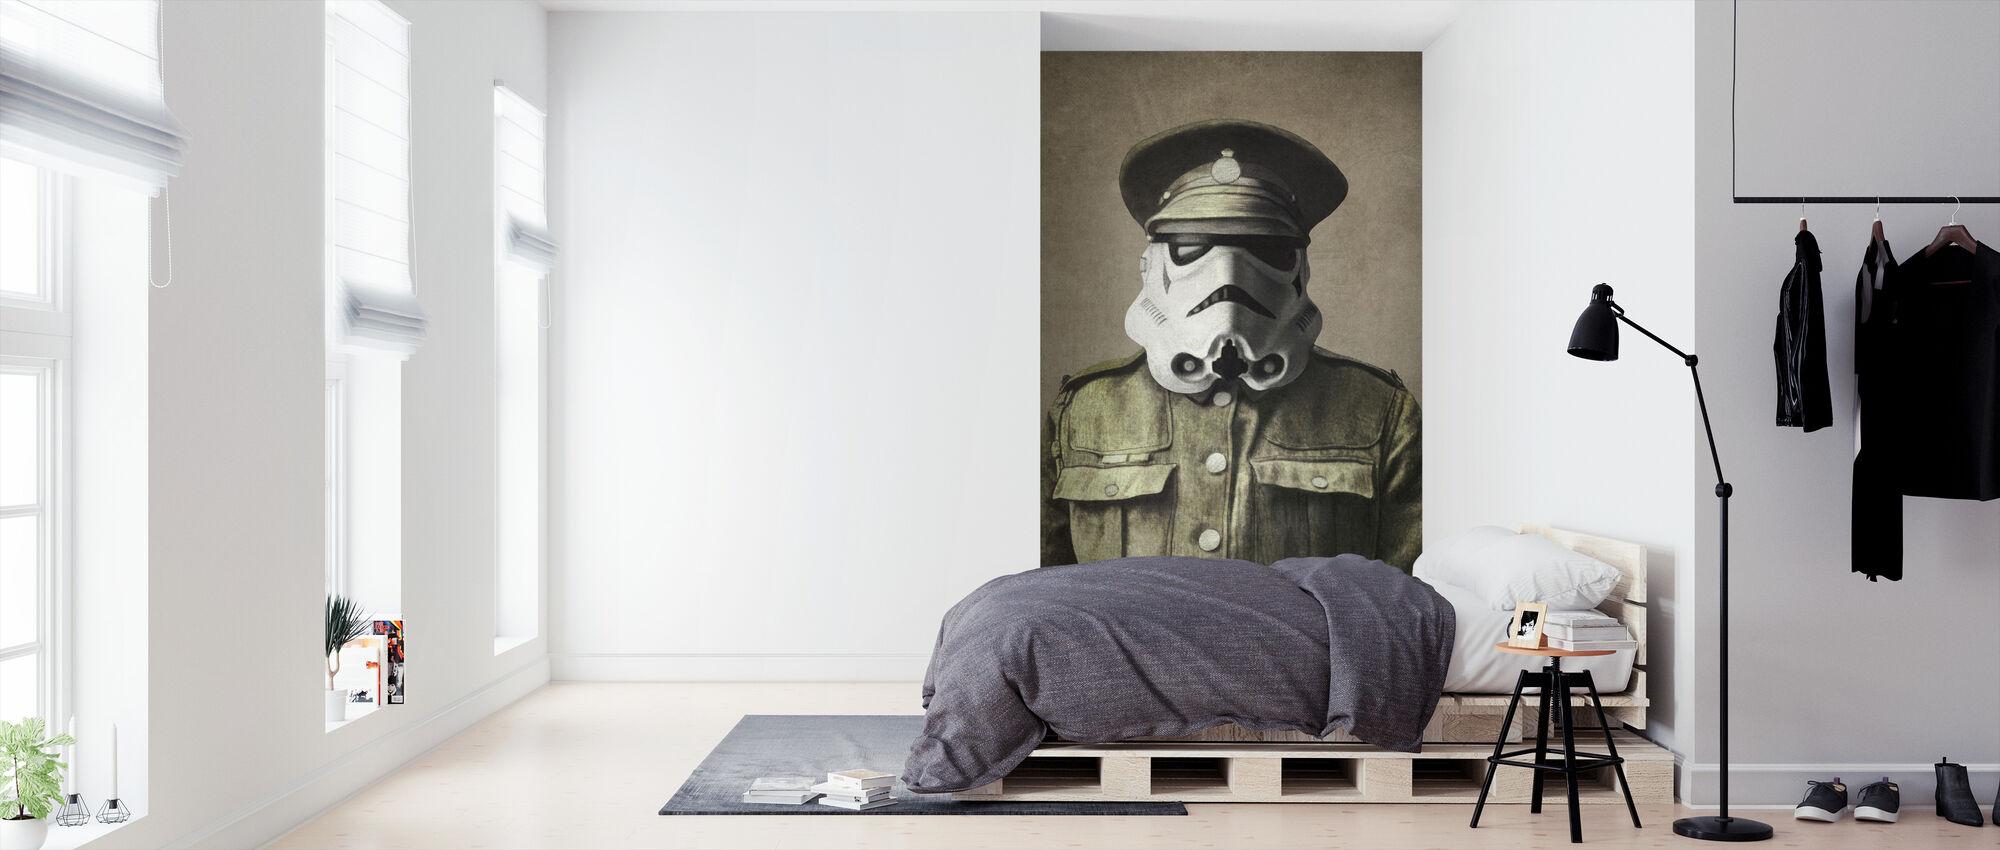 Victoriaanse oorlogen sergeant Stormley - Behang - Slaapkamer